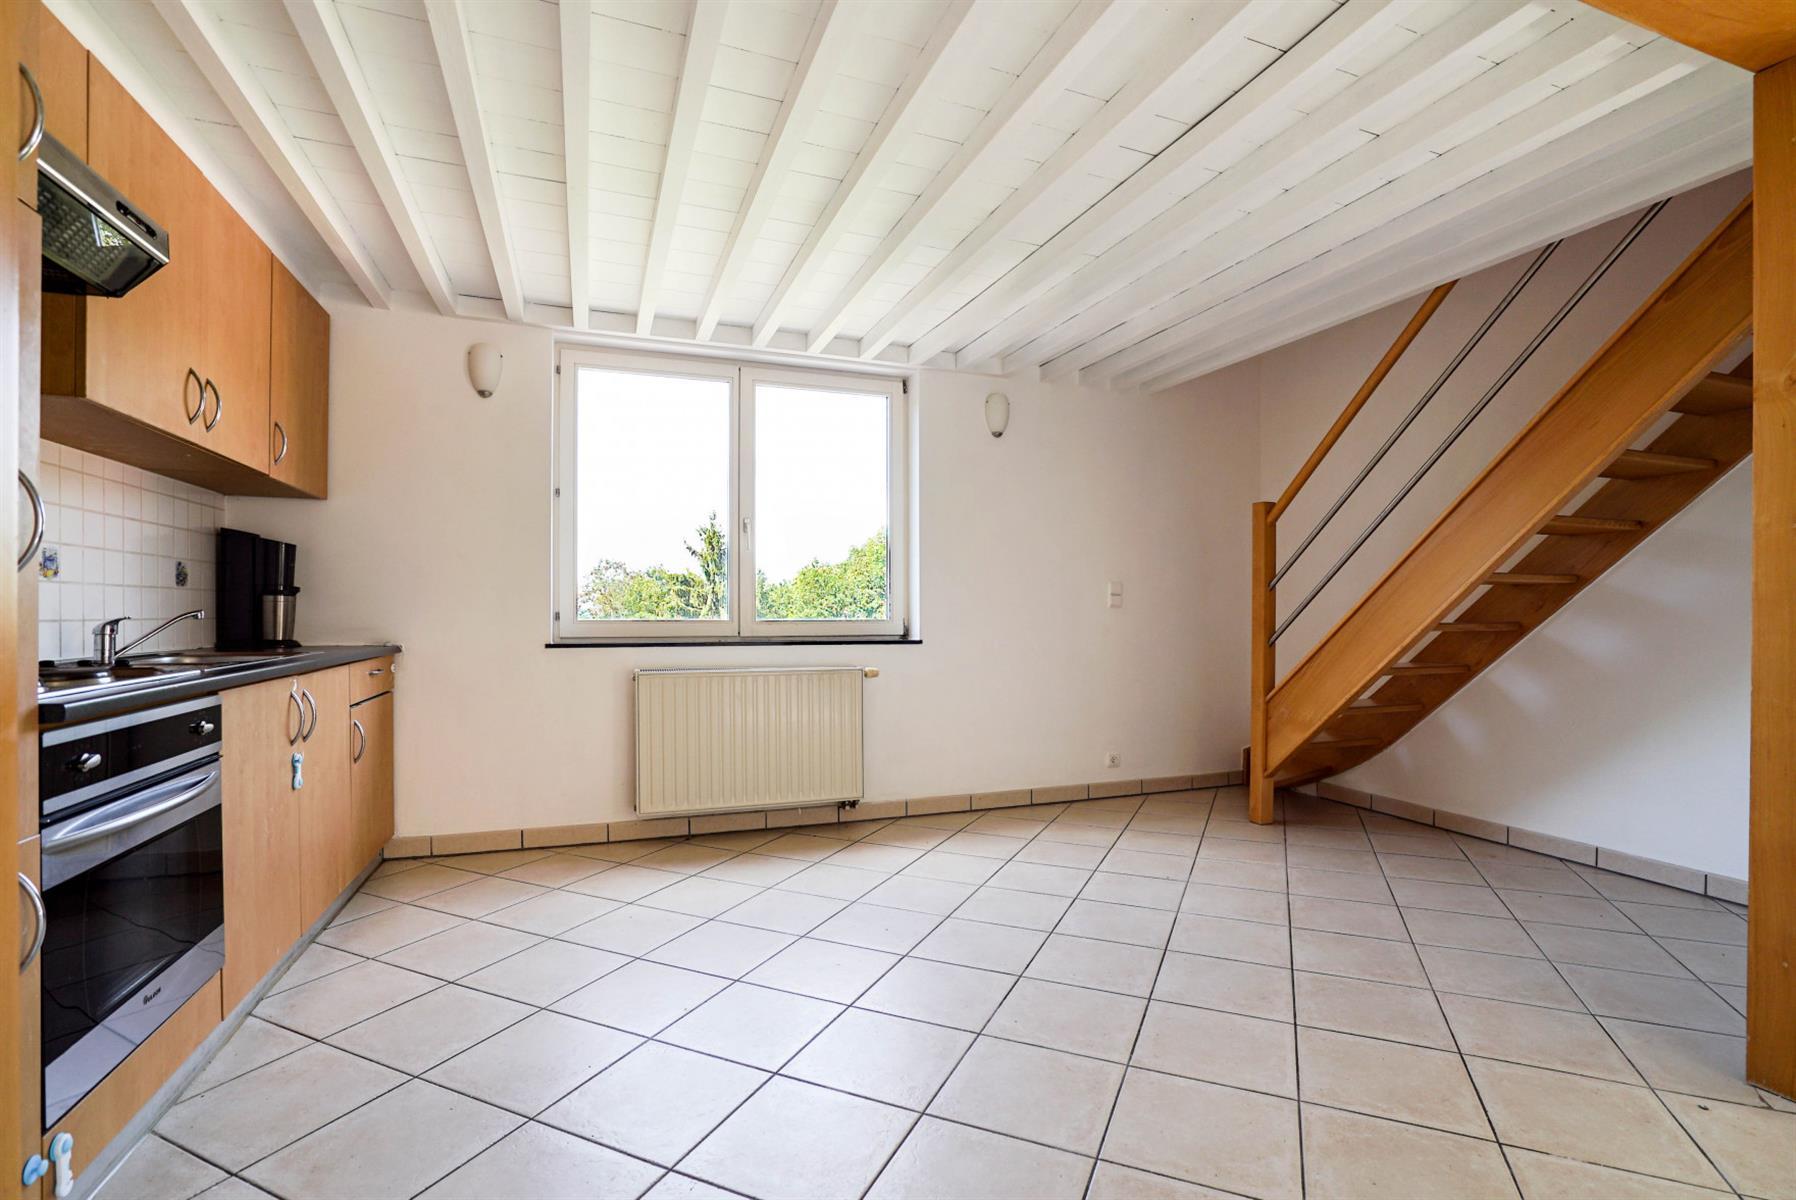 Duplex - Chaudfontaine Vaux-sous-Chèvremont - #4141991-5